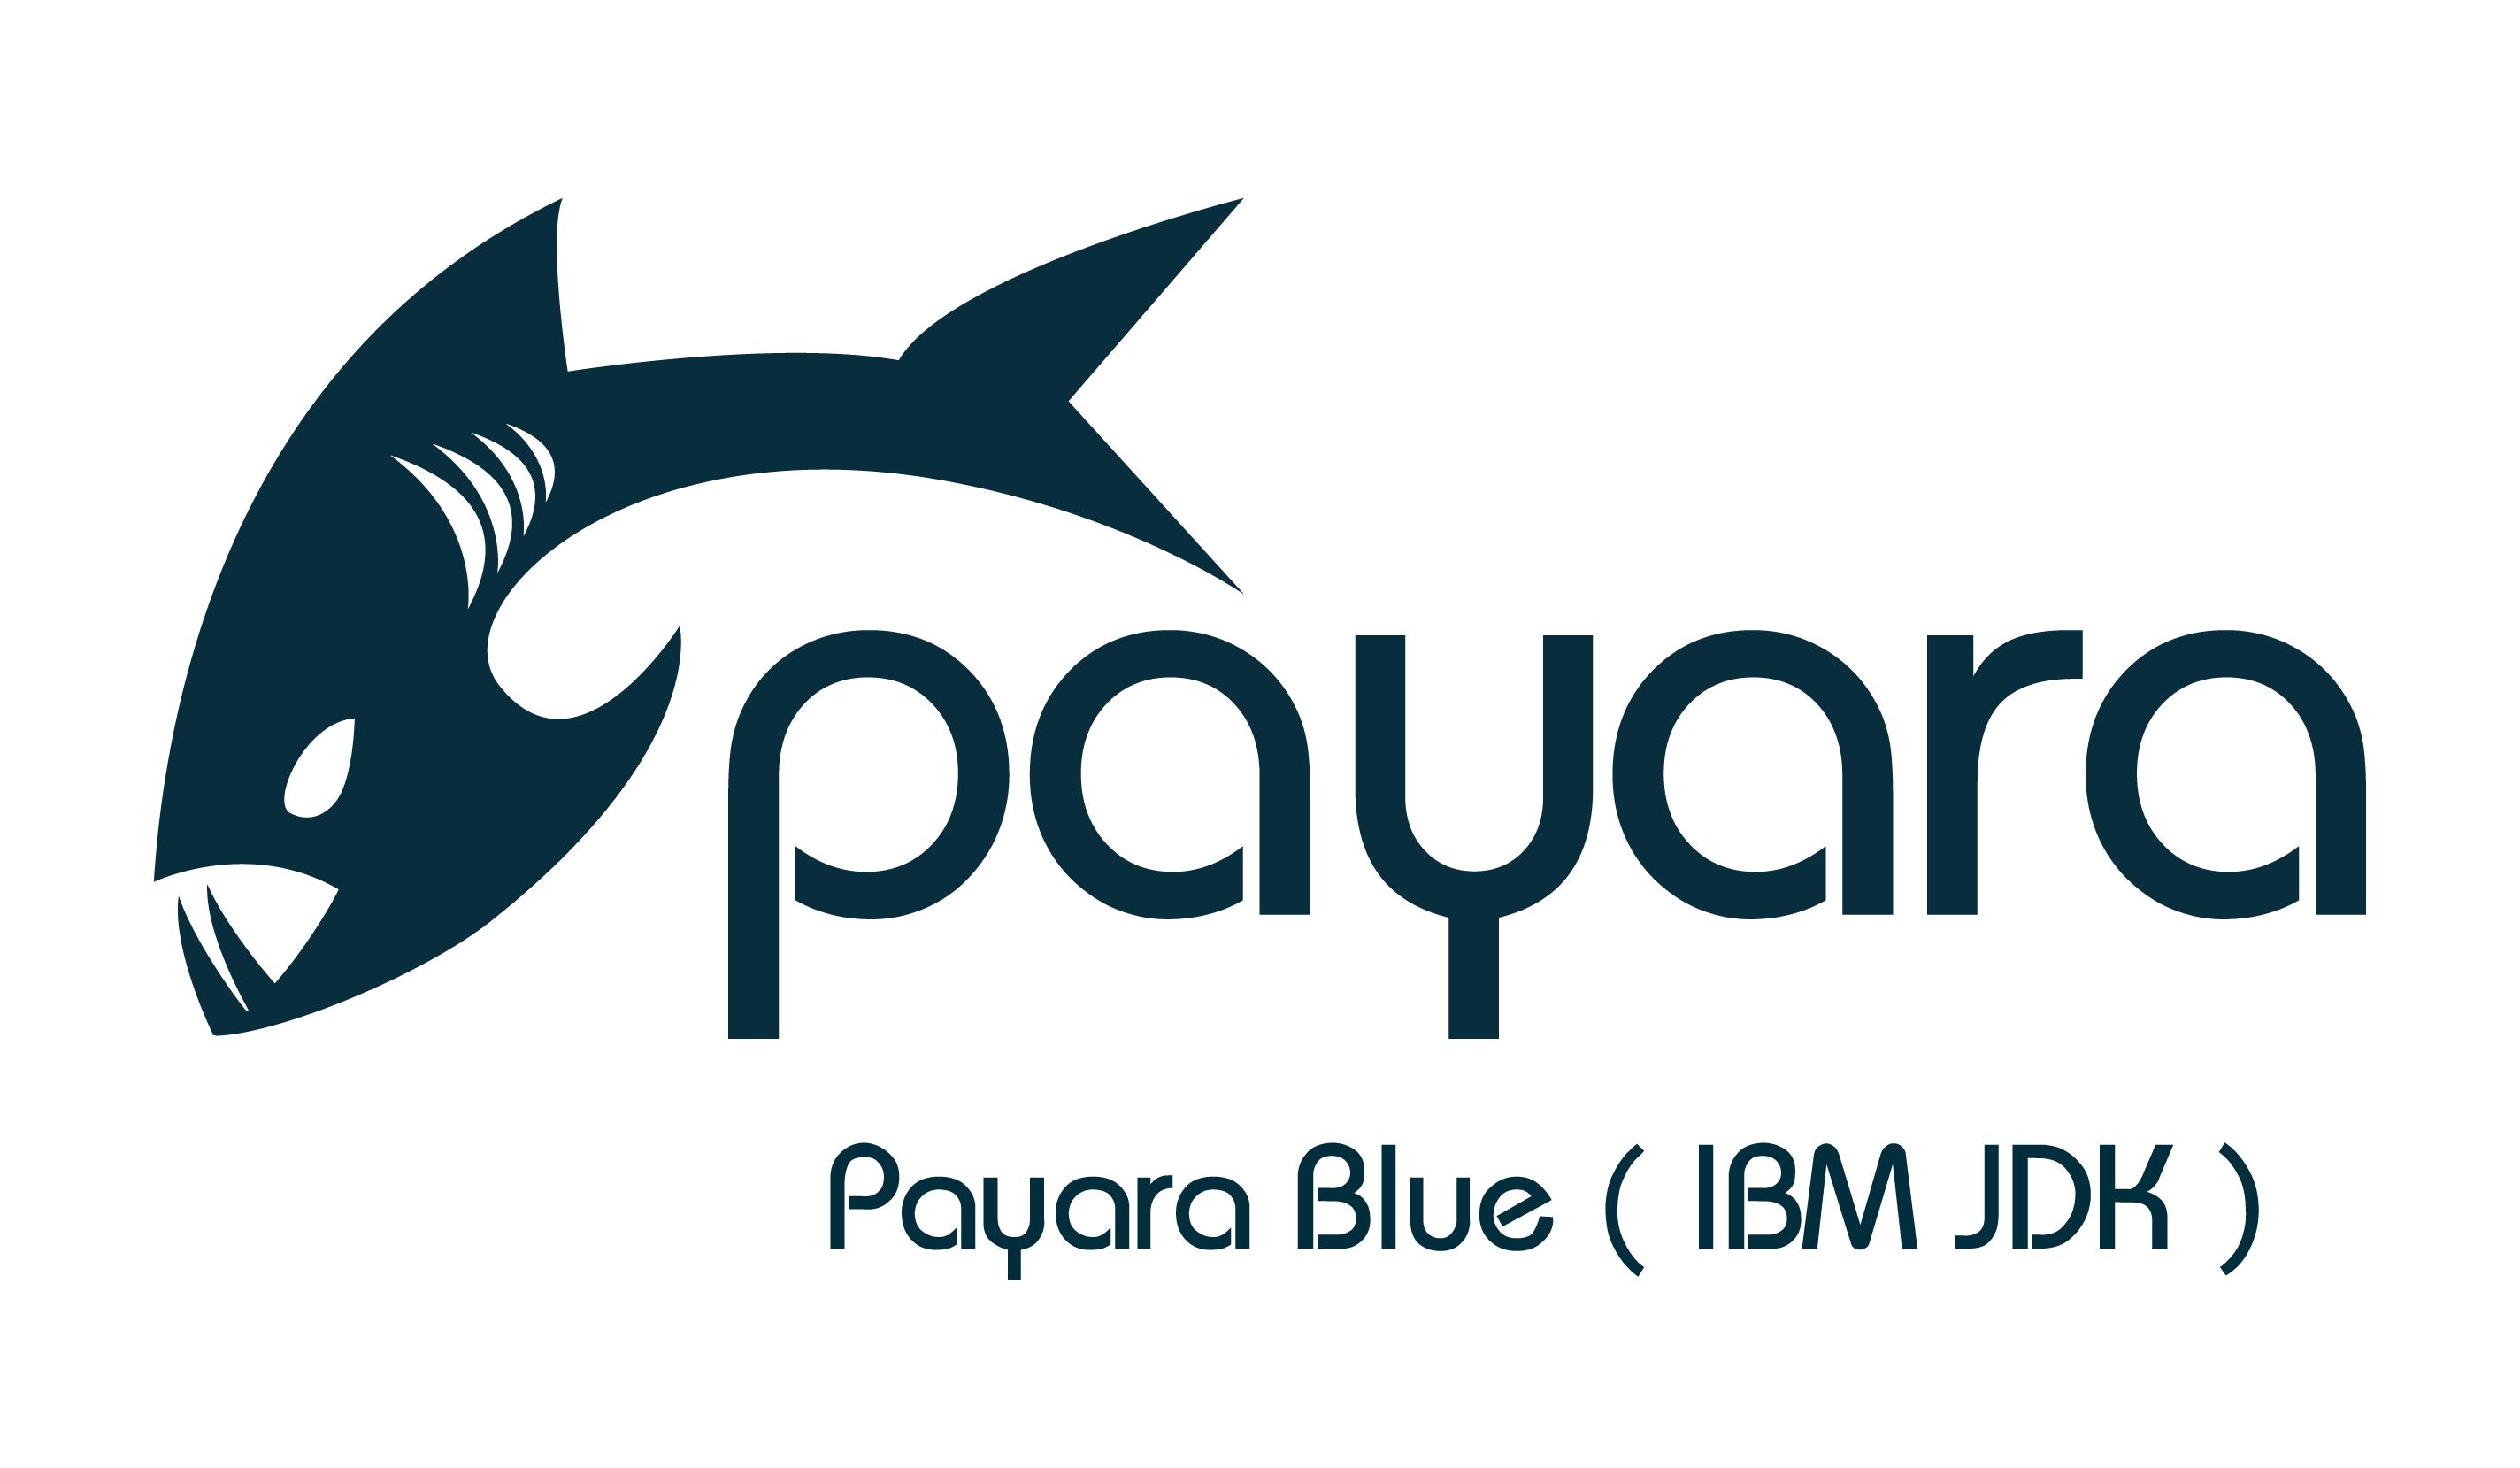 Payara-Blue-IBM-JDK.png